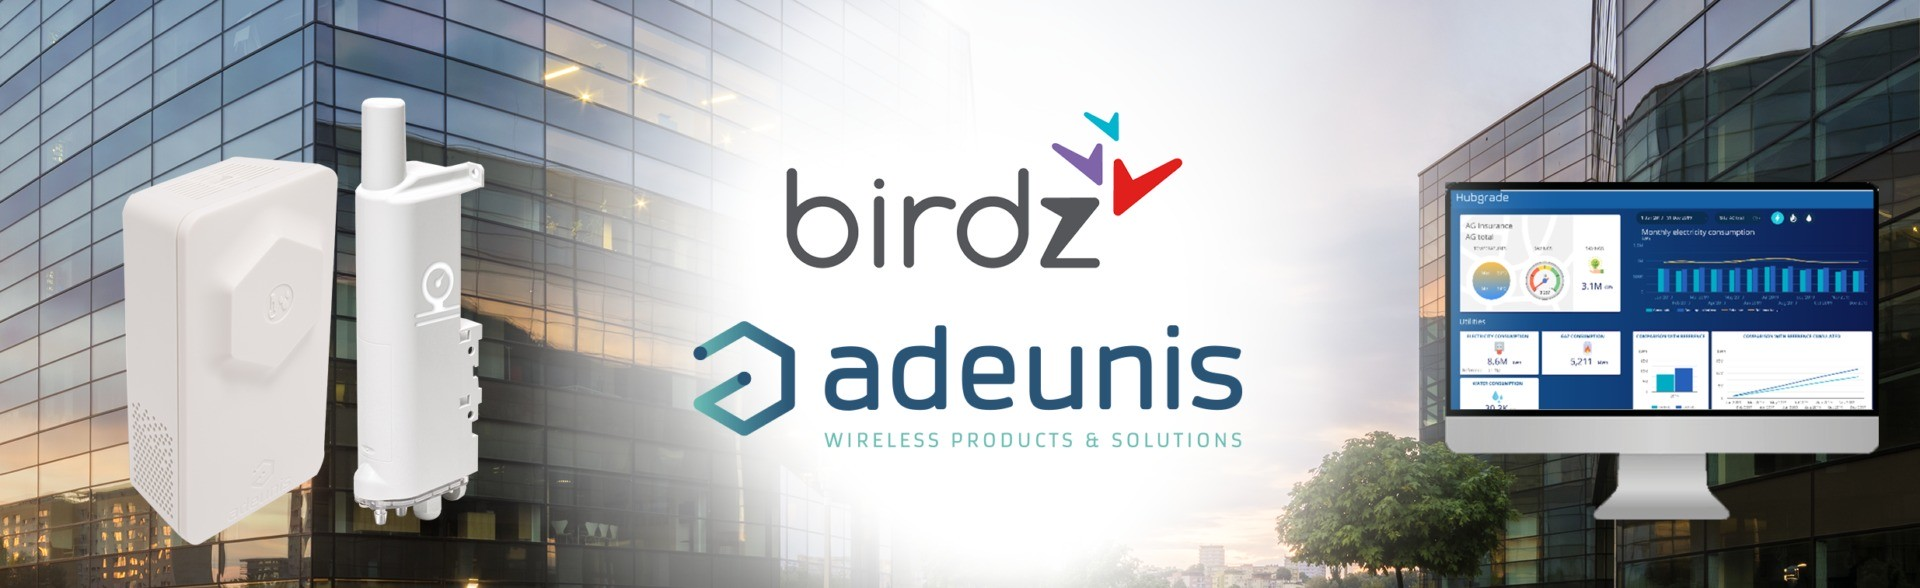 birdz, iot, lpwan, smart building